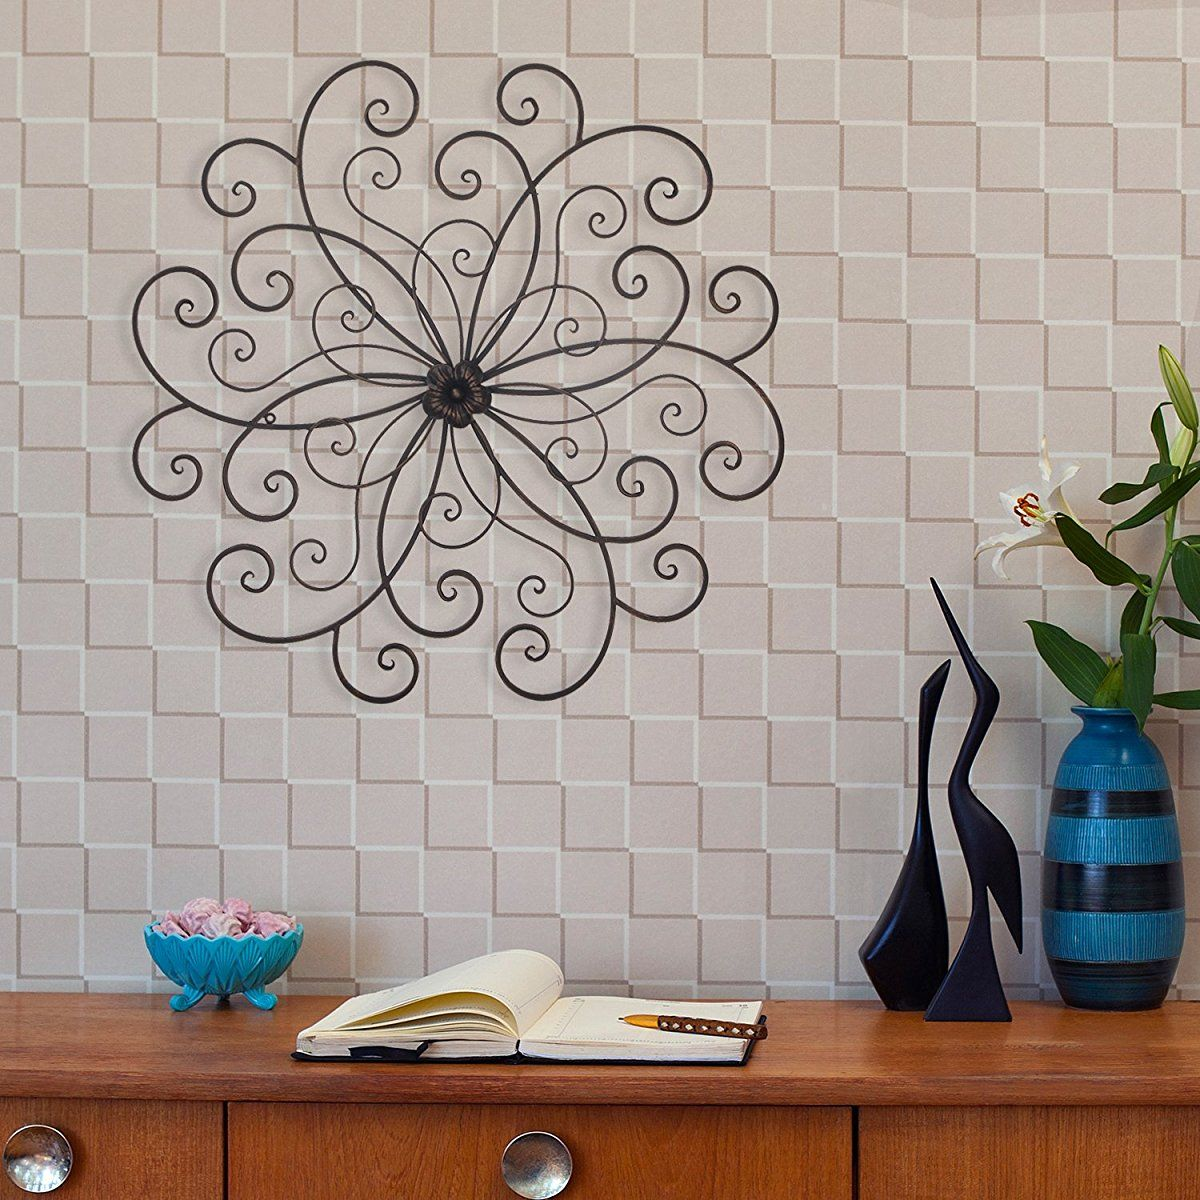 Kitchen Metal Wall Art: Homes Art Bronze Flower Urban Design Metal Wall Decor For